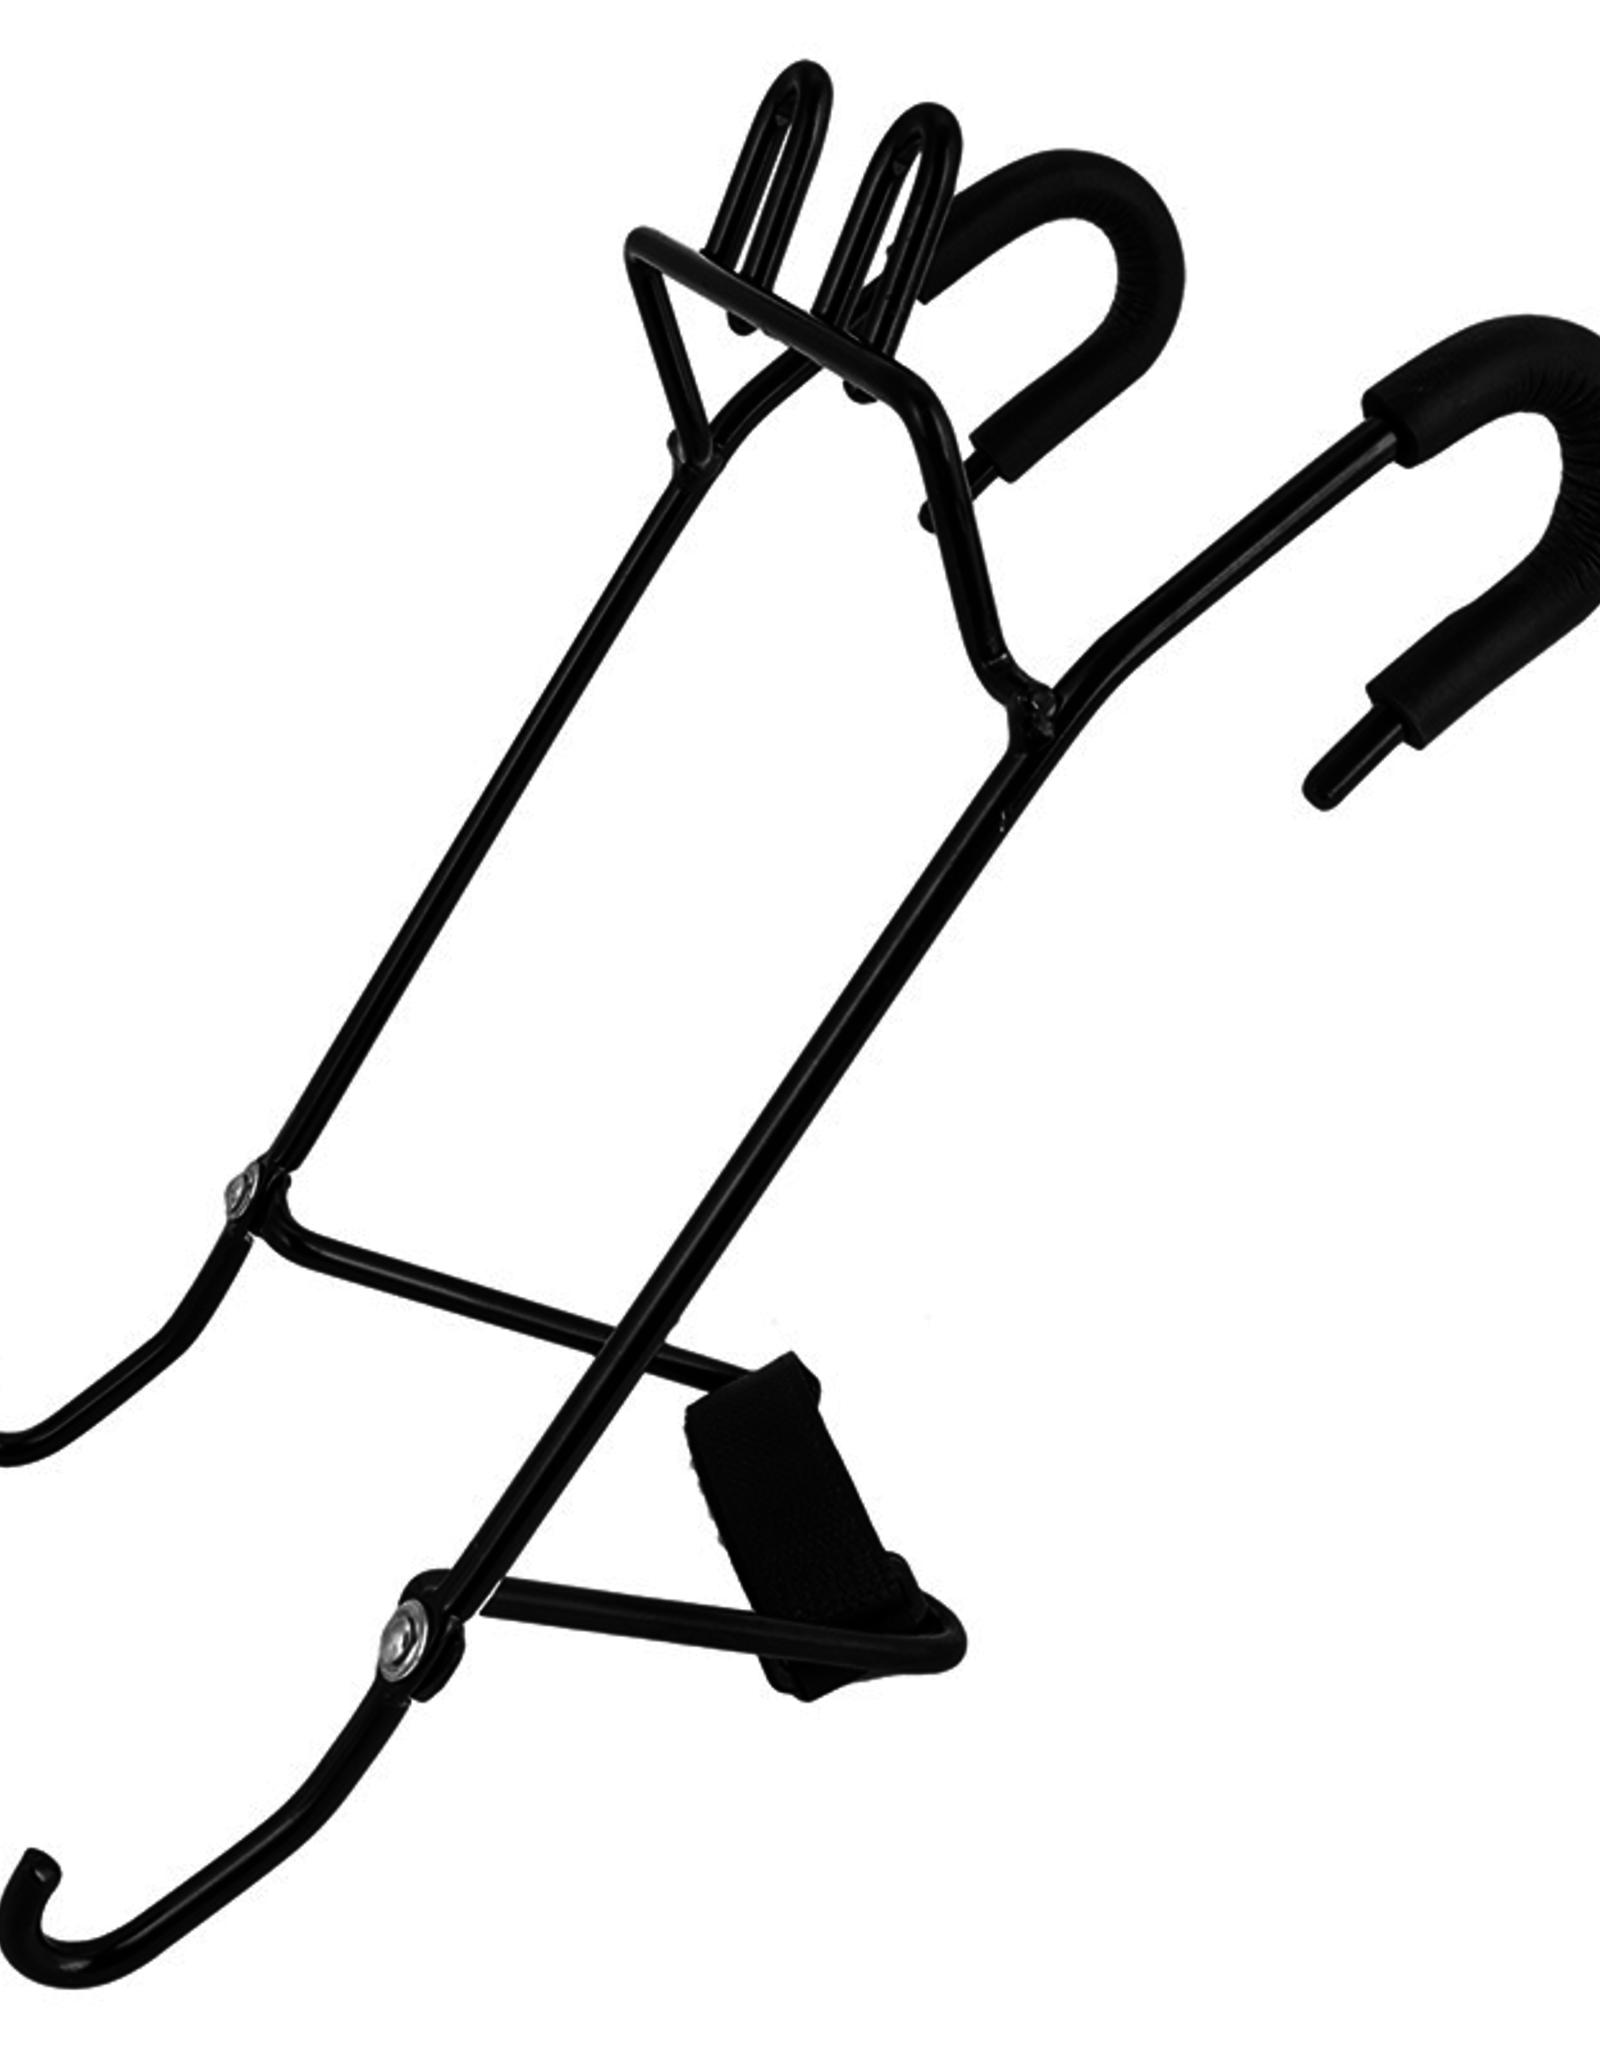 SunLite Replacement Bracket for SunLite Mesh Bottom Lift-Off Basket Black